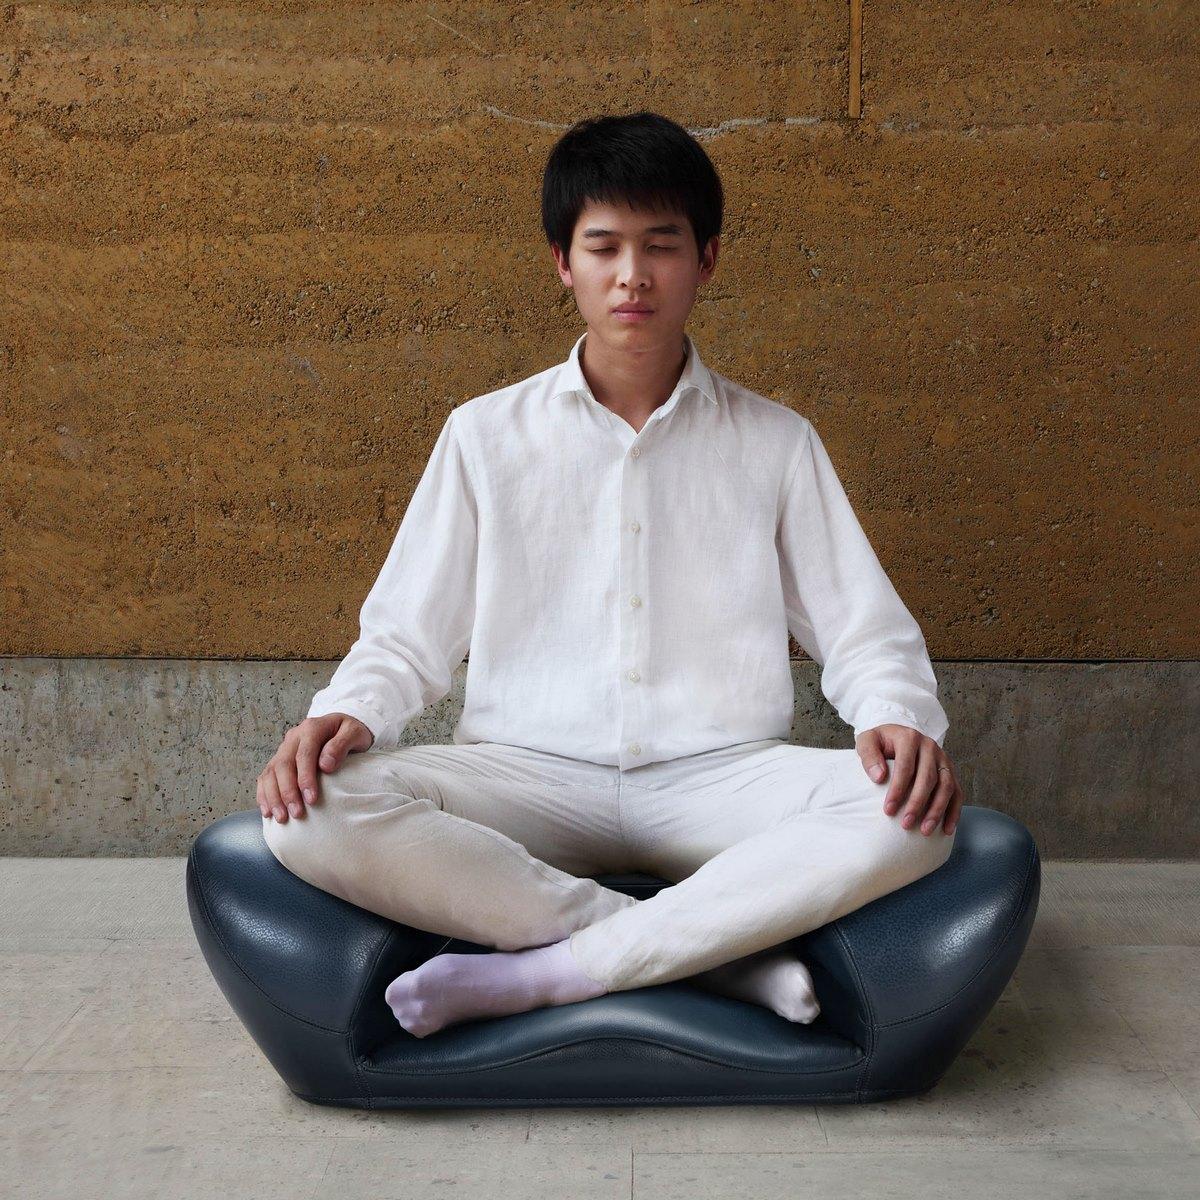 Ph: Gao Fenglin, 2017